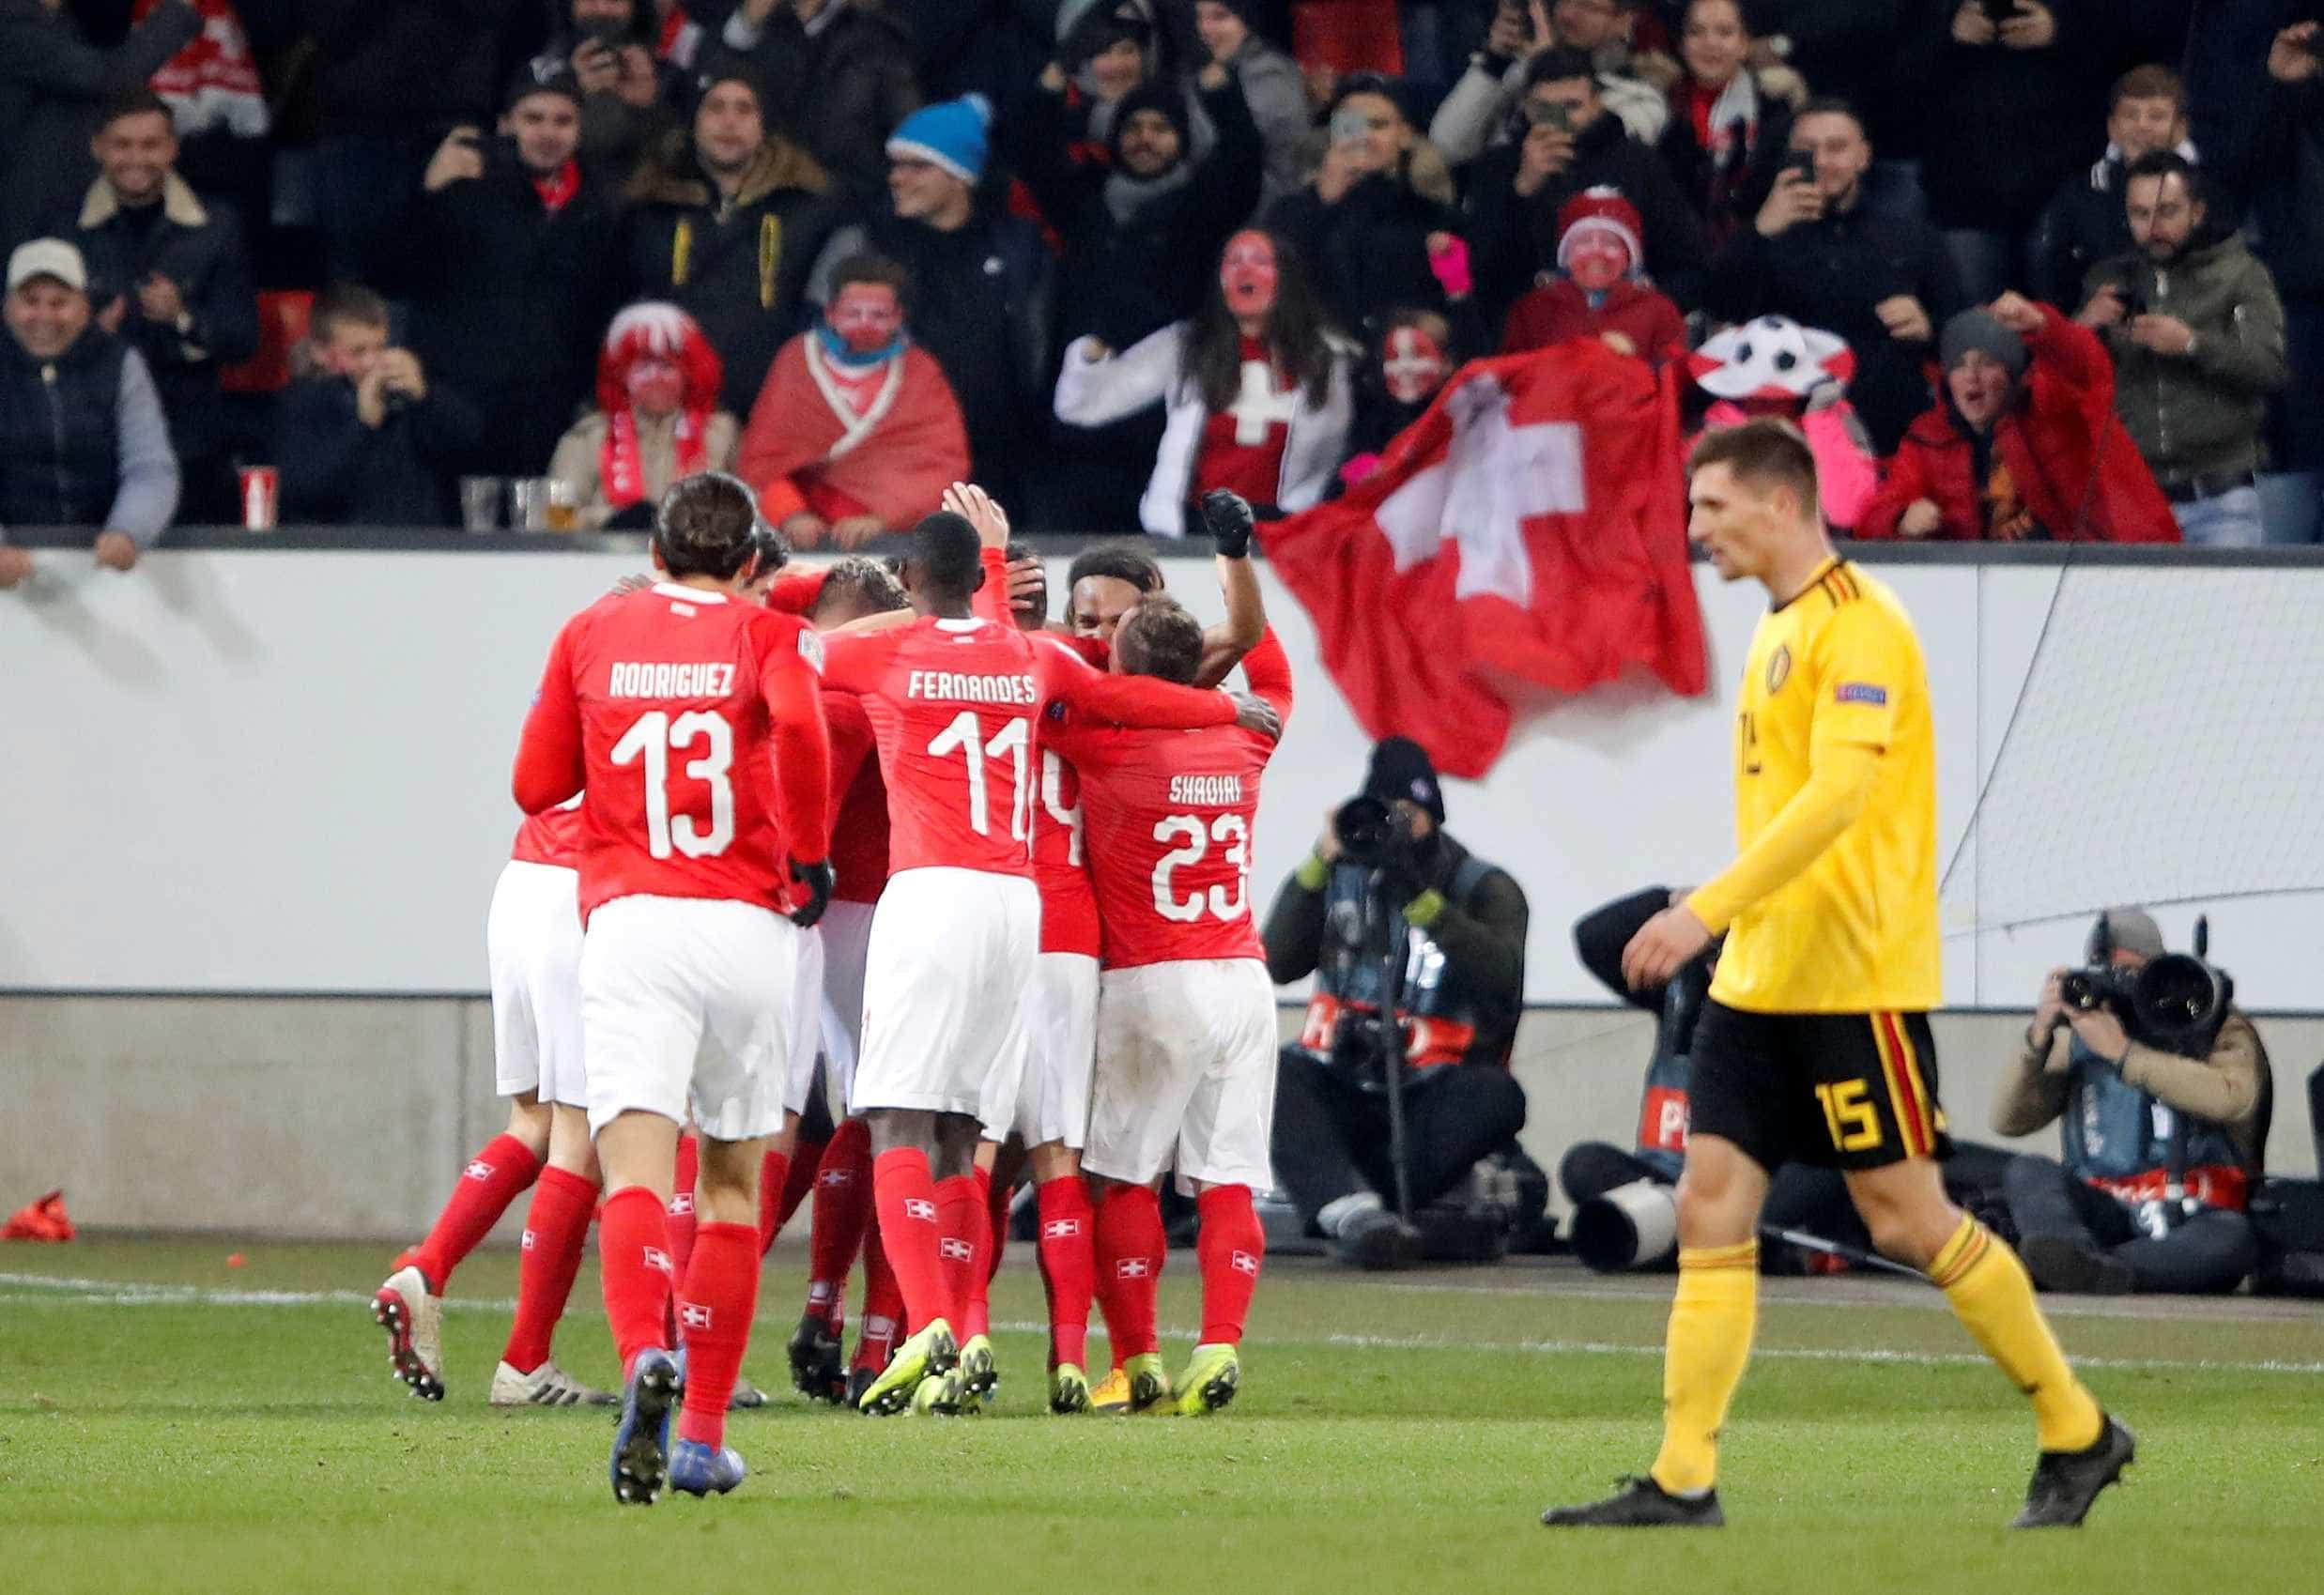 Suíça vira sobre a Bélgica com goleada e avança na Liga